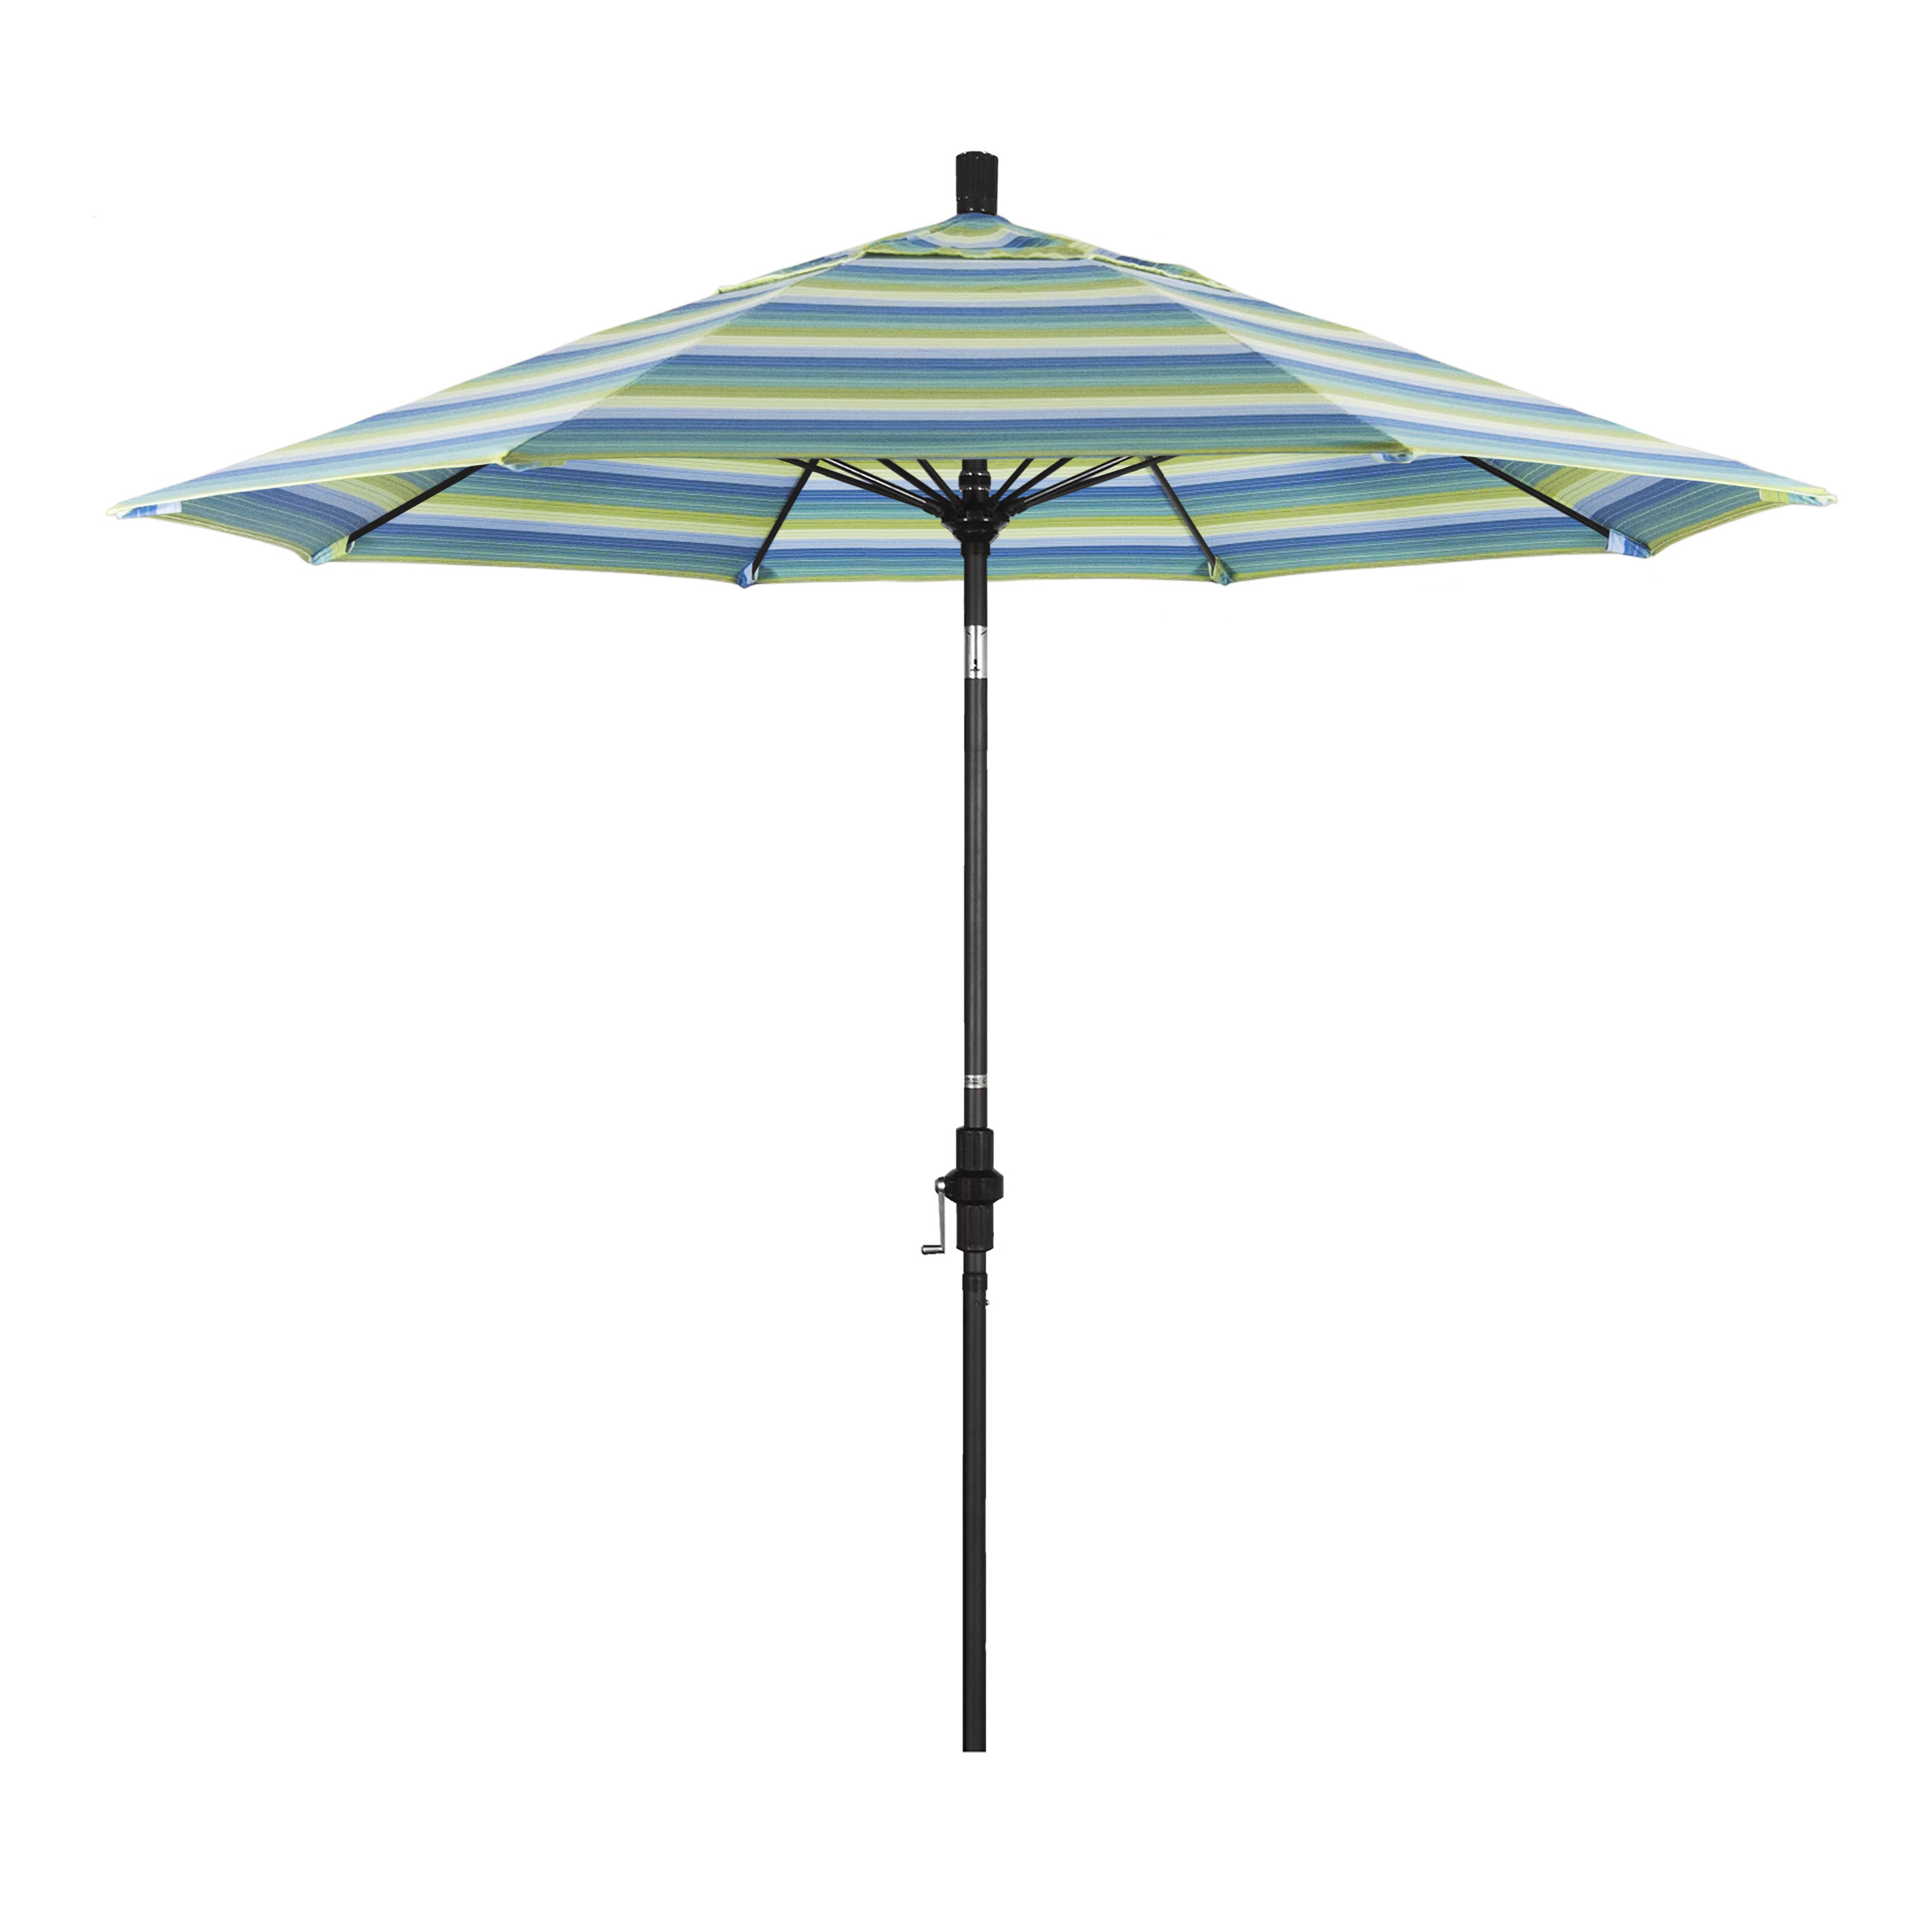 Beachcrest Home Muldoon 9' Market Sunbrella Umbrella In Recent Muldoon Market Umbrellas (View 3 of 20)